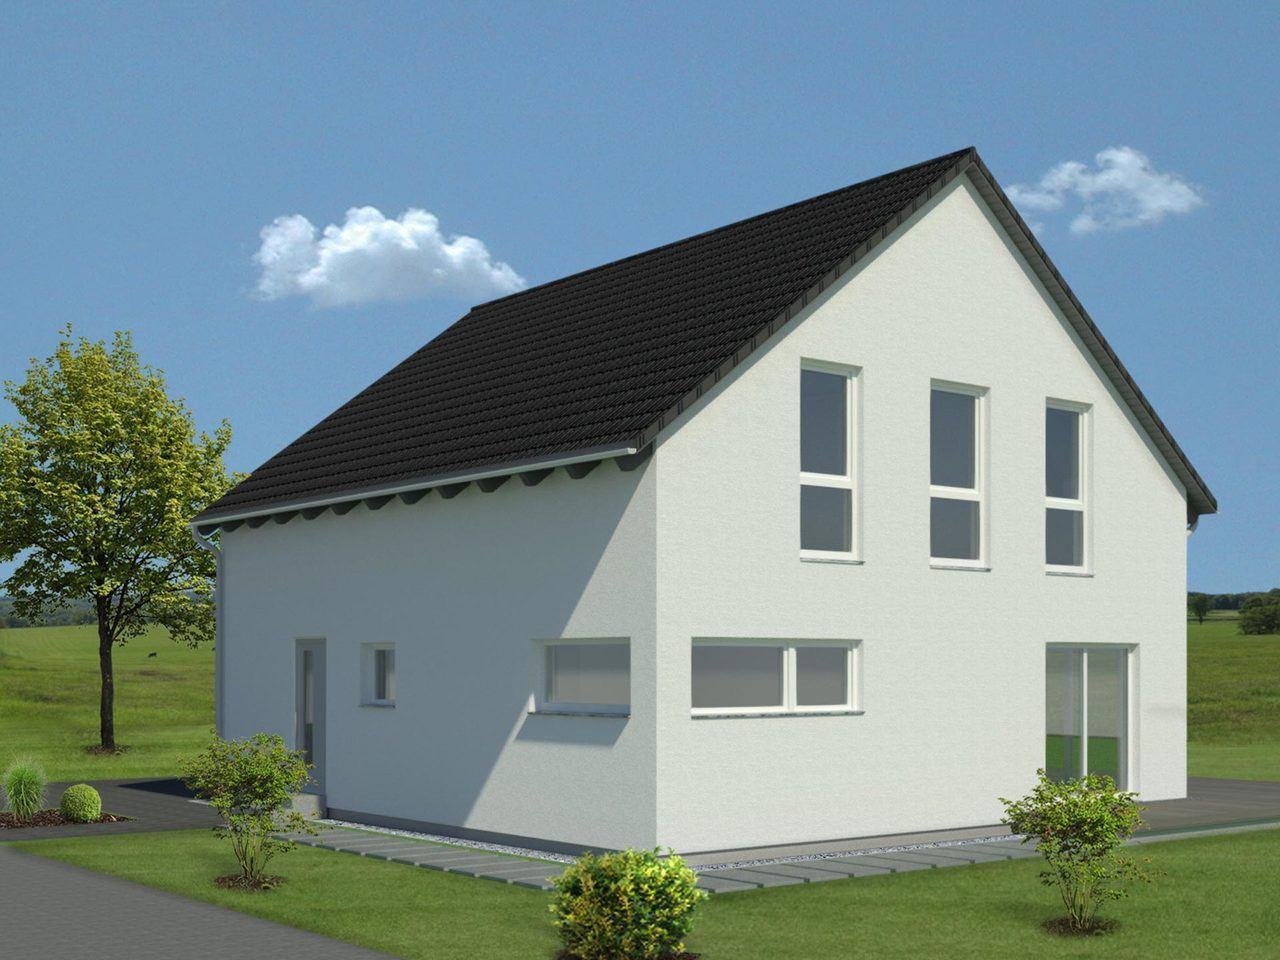 Einfamilienhaus Chausseestraße 157 - Ansicht 5